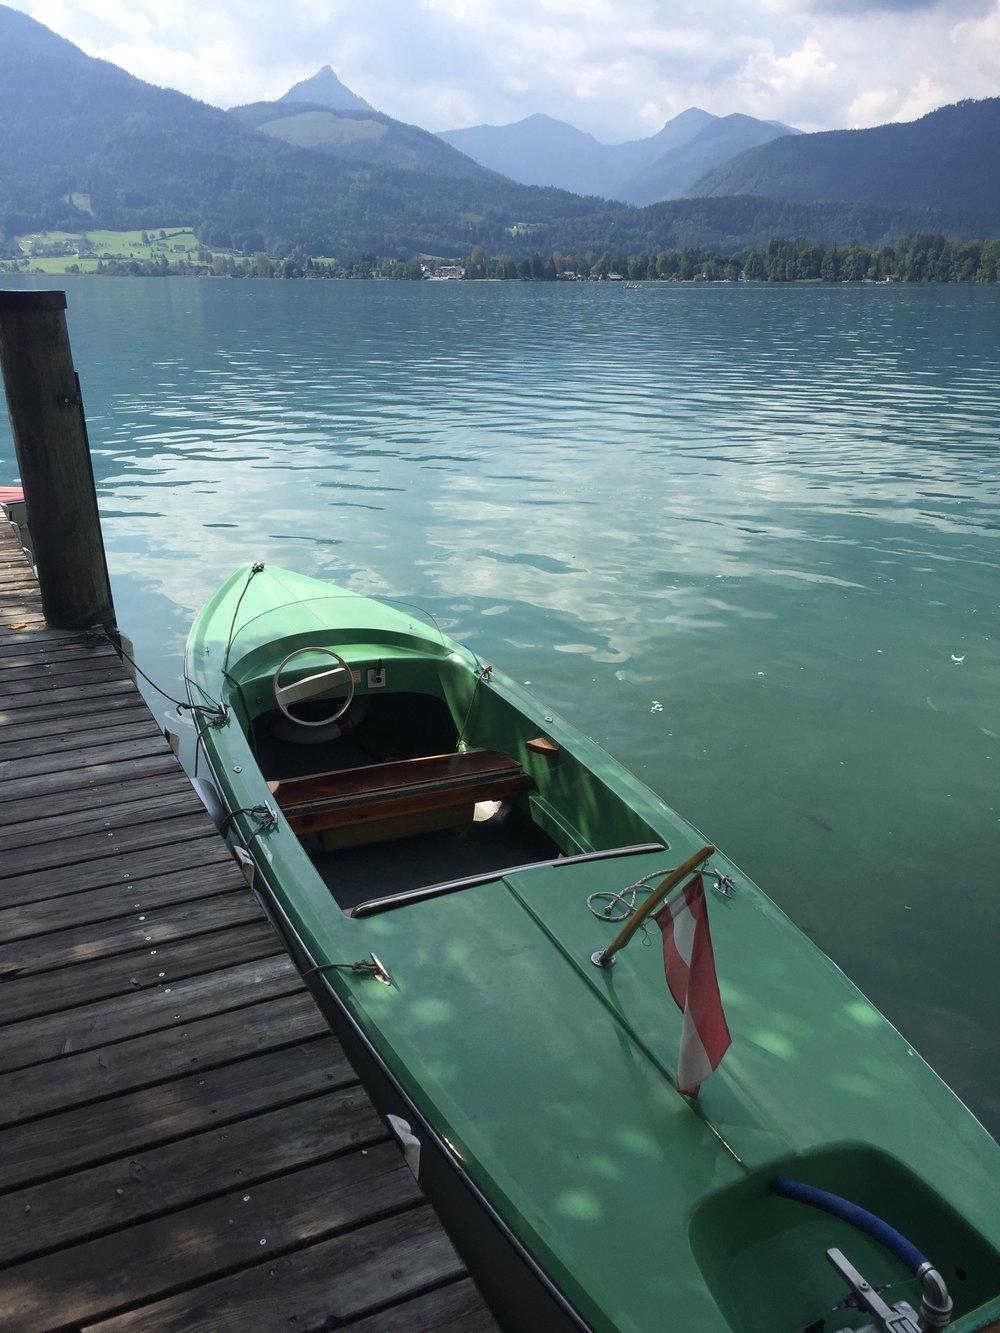 AWE-INSPIRING AUSTRIA - The Grown Up Edit